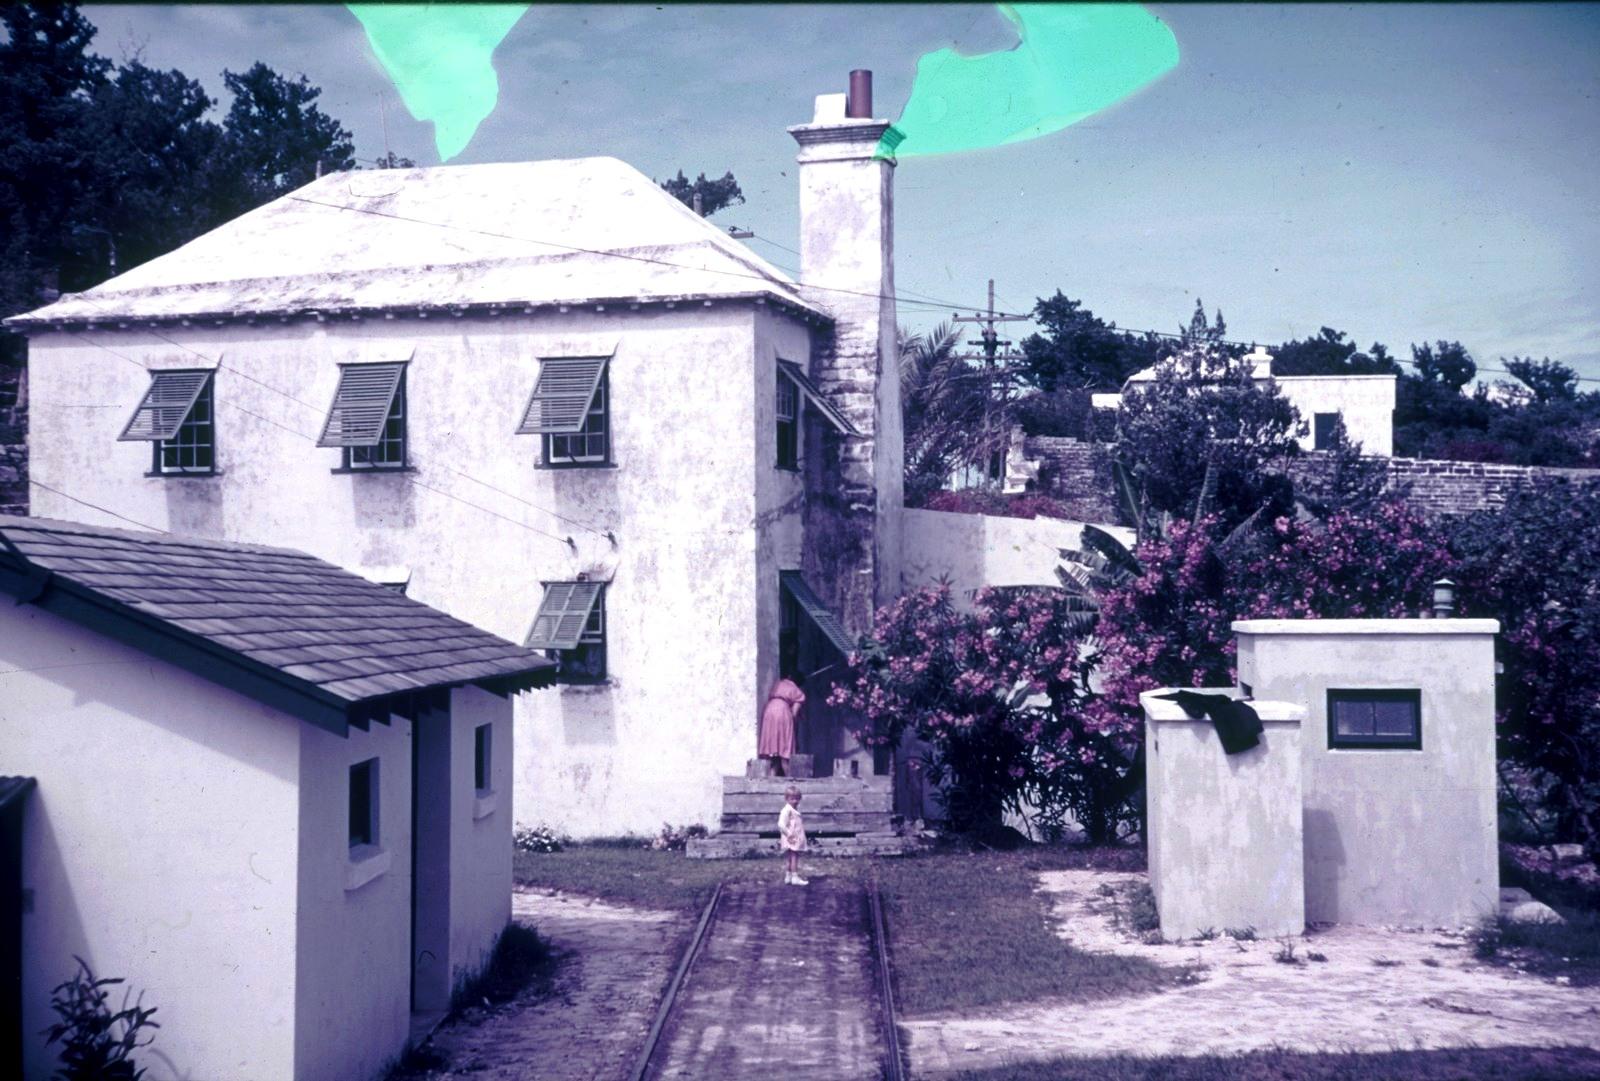 Бермудские острова. Гамильтон. Жилой дом с цветущим олеандром. Вид с платформы бермудской железной дороги